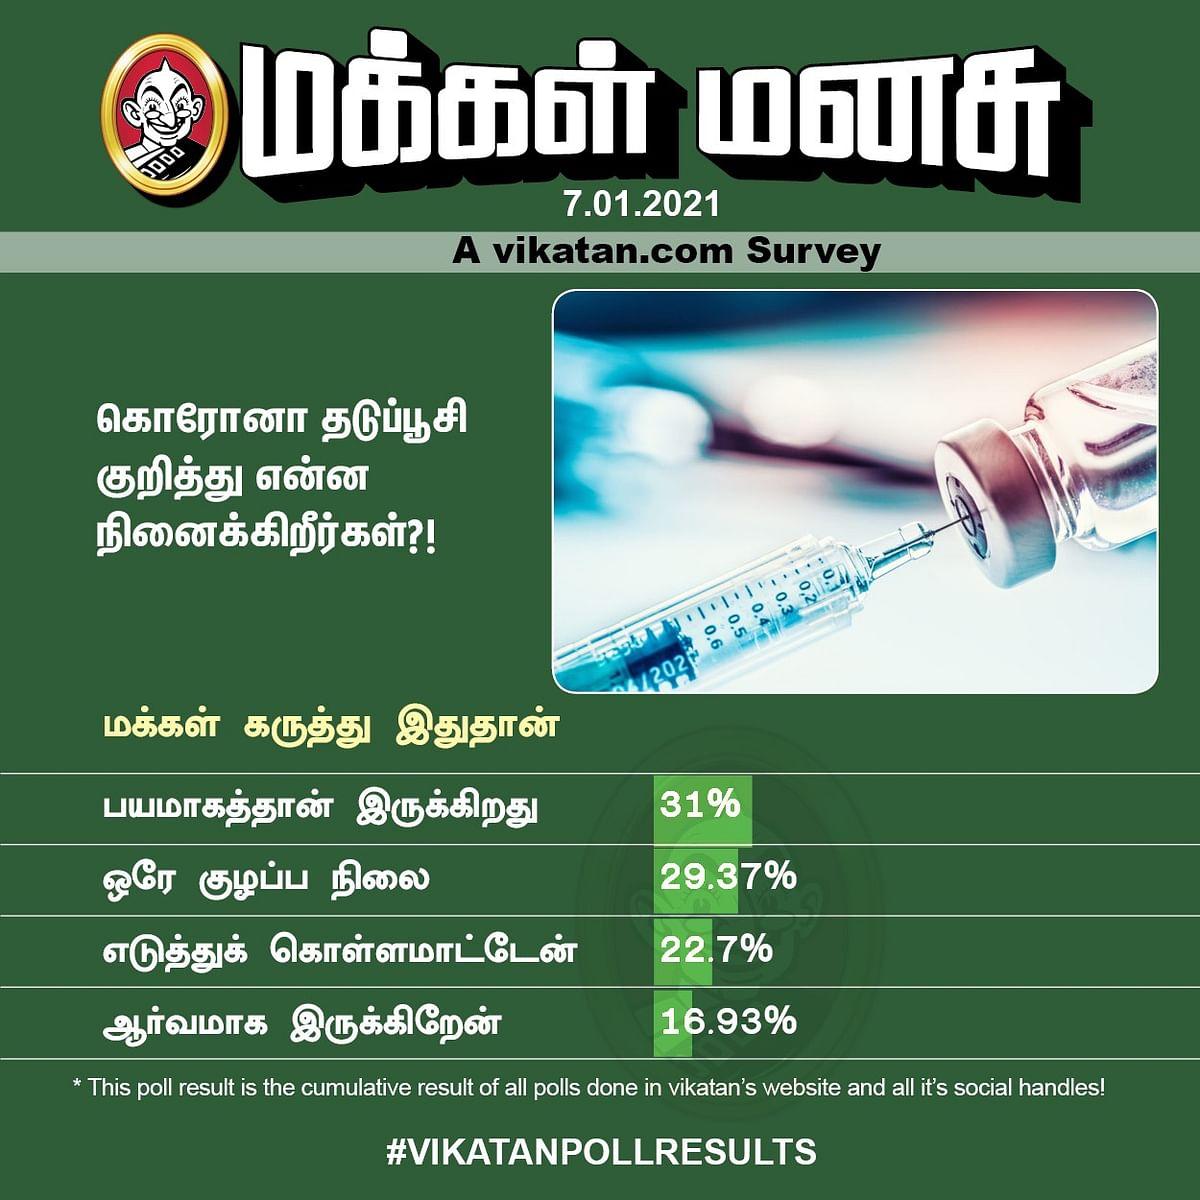 கோவிட்-19 தடுப்பூசி | Vikatan Poll